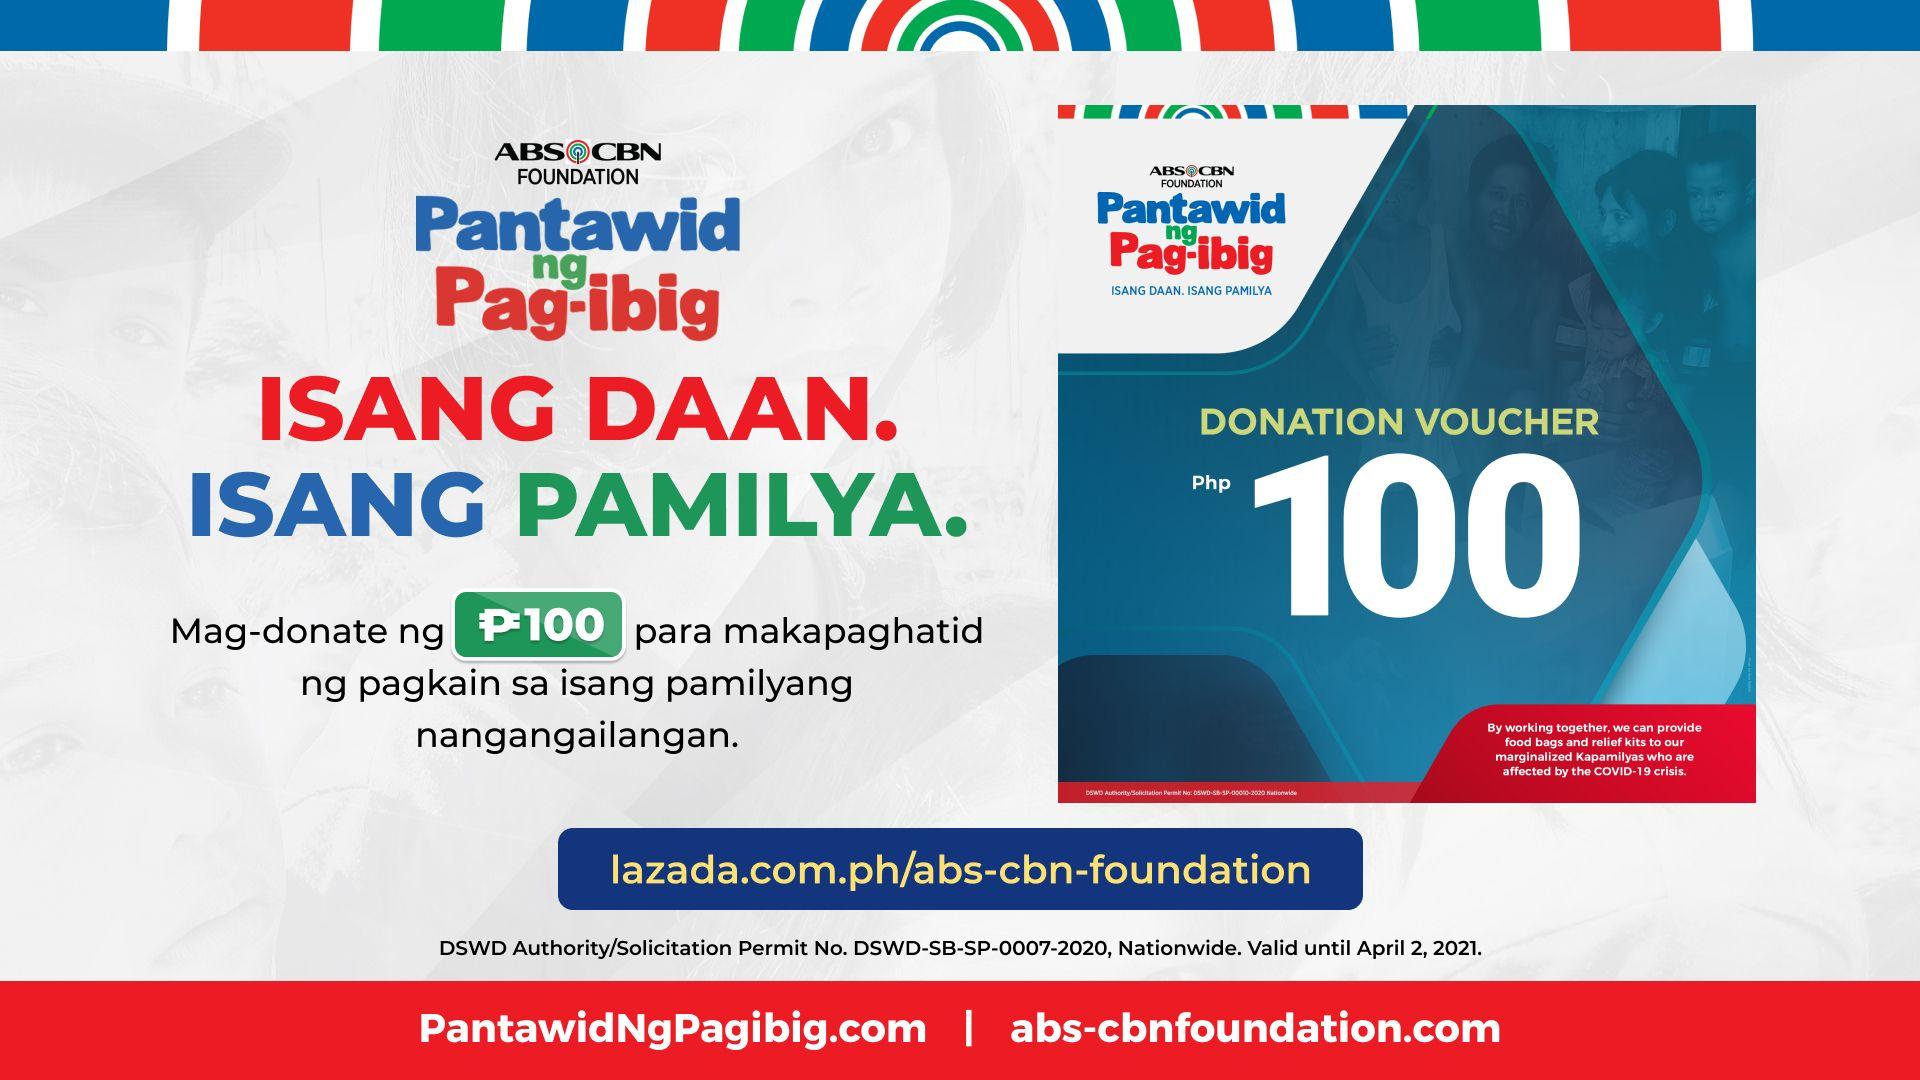 'Pantawid ng Pag-ibig': Relief packs hatid sa 2 barangay sa Polangui, Albay 4